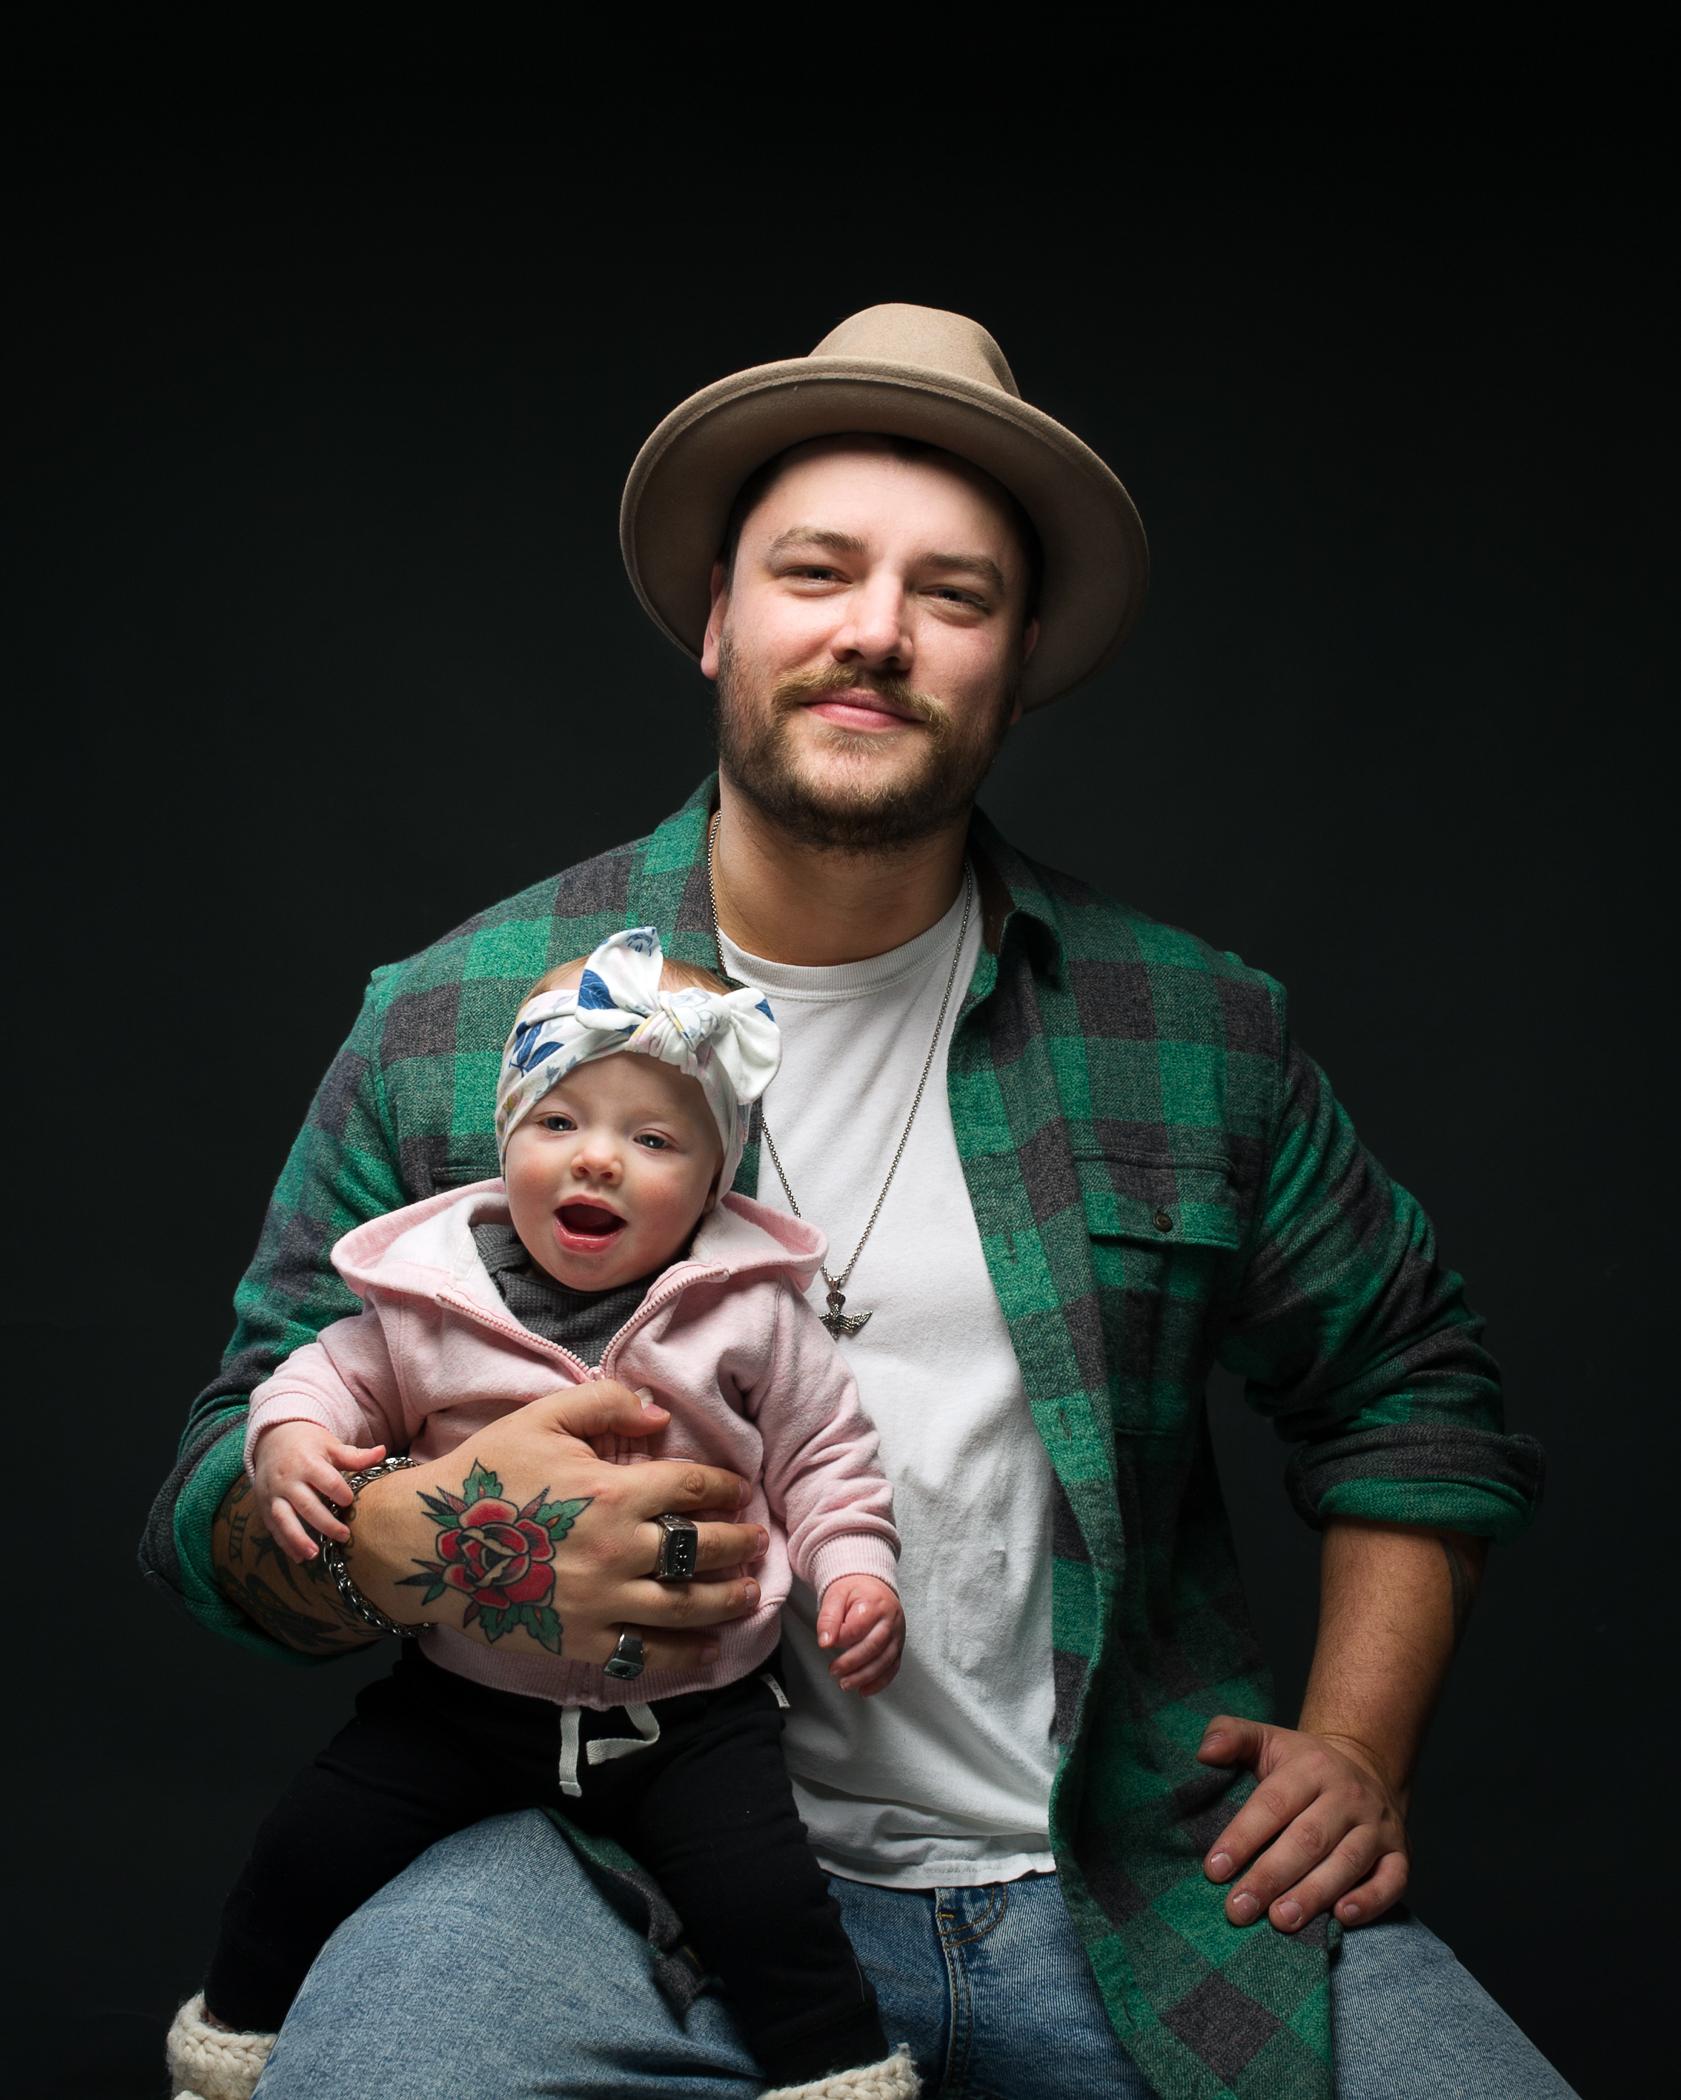 20171203 - Family Photos.jpg